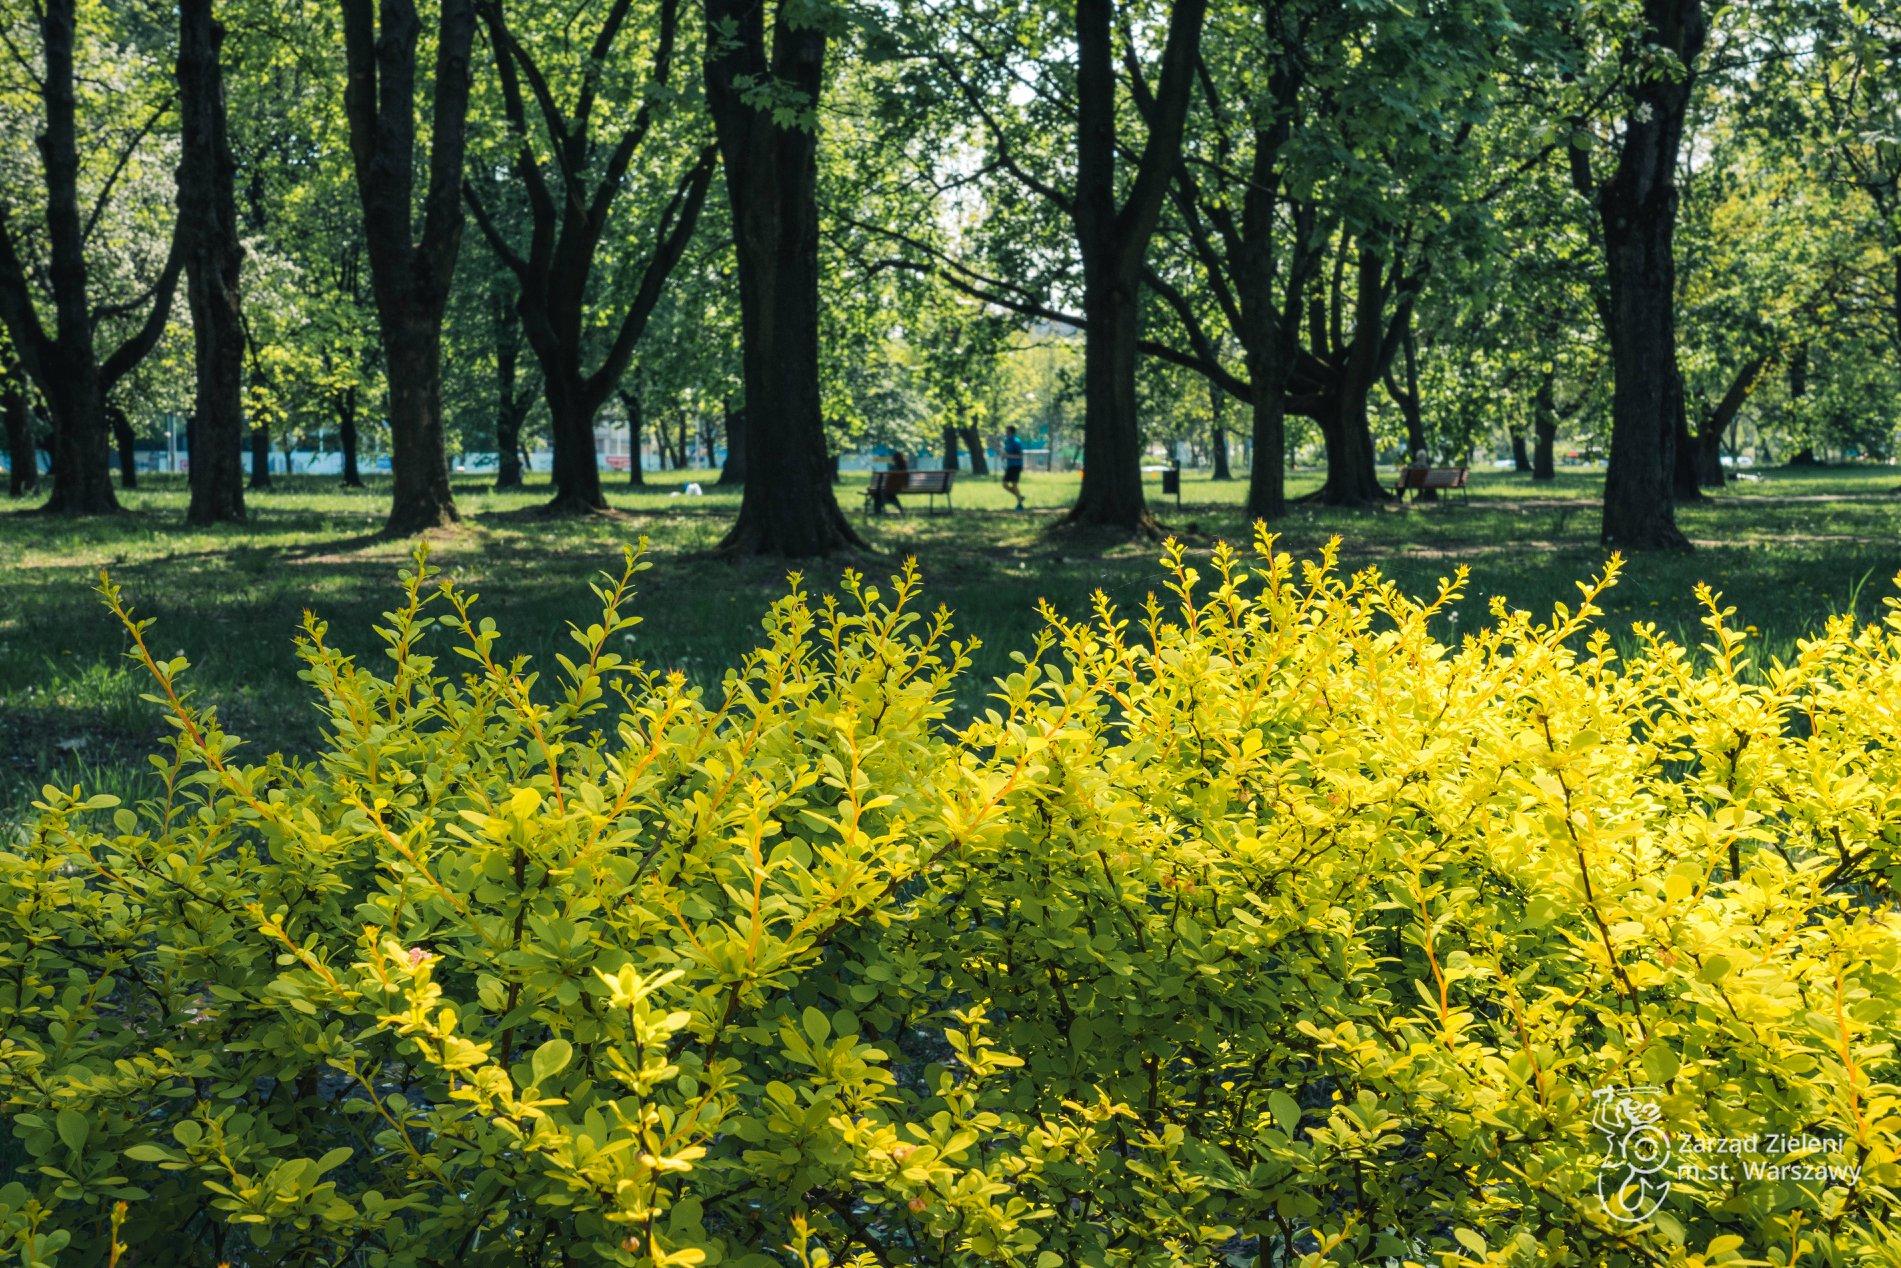 Jasnozielone krzewy w Parku Powstańców Warszawy, mężczyzna biegnie alejką - uprawia jogging, kobieta siedzi na ławce.